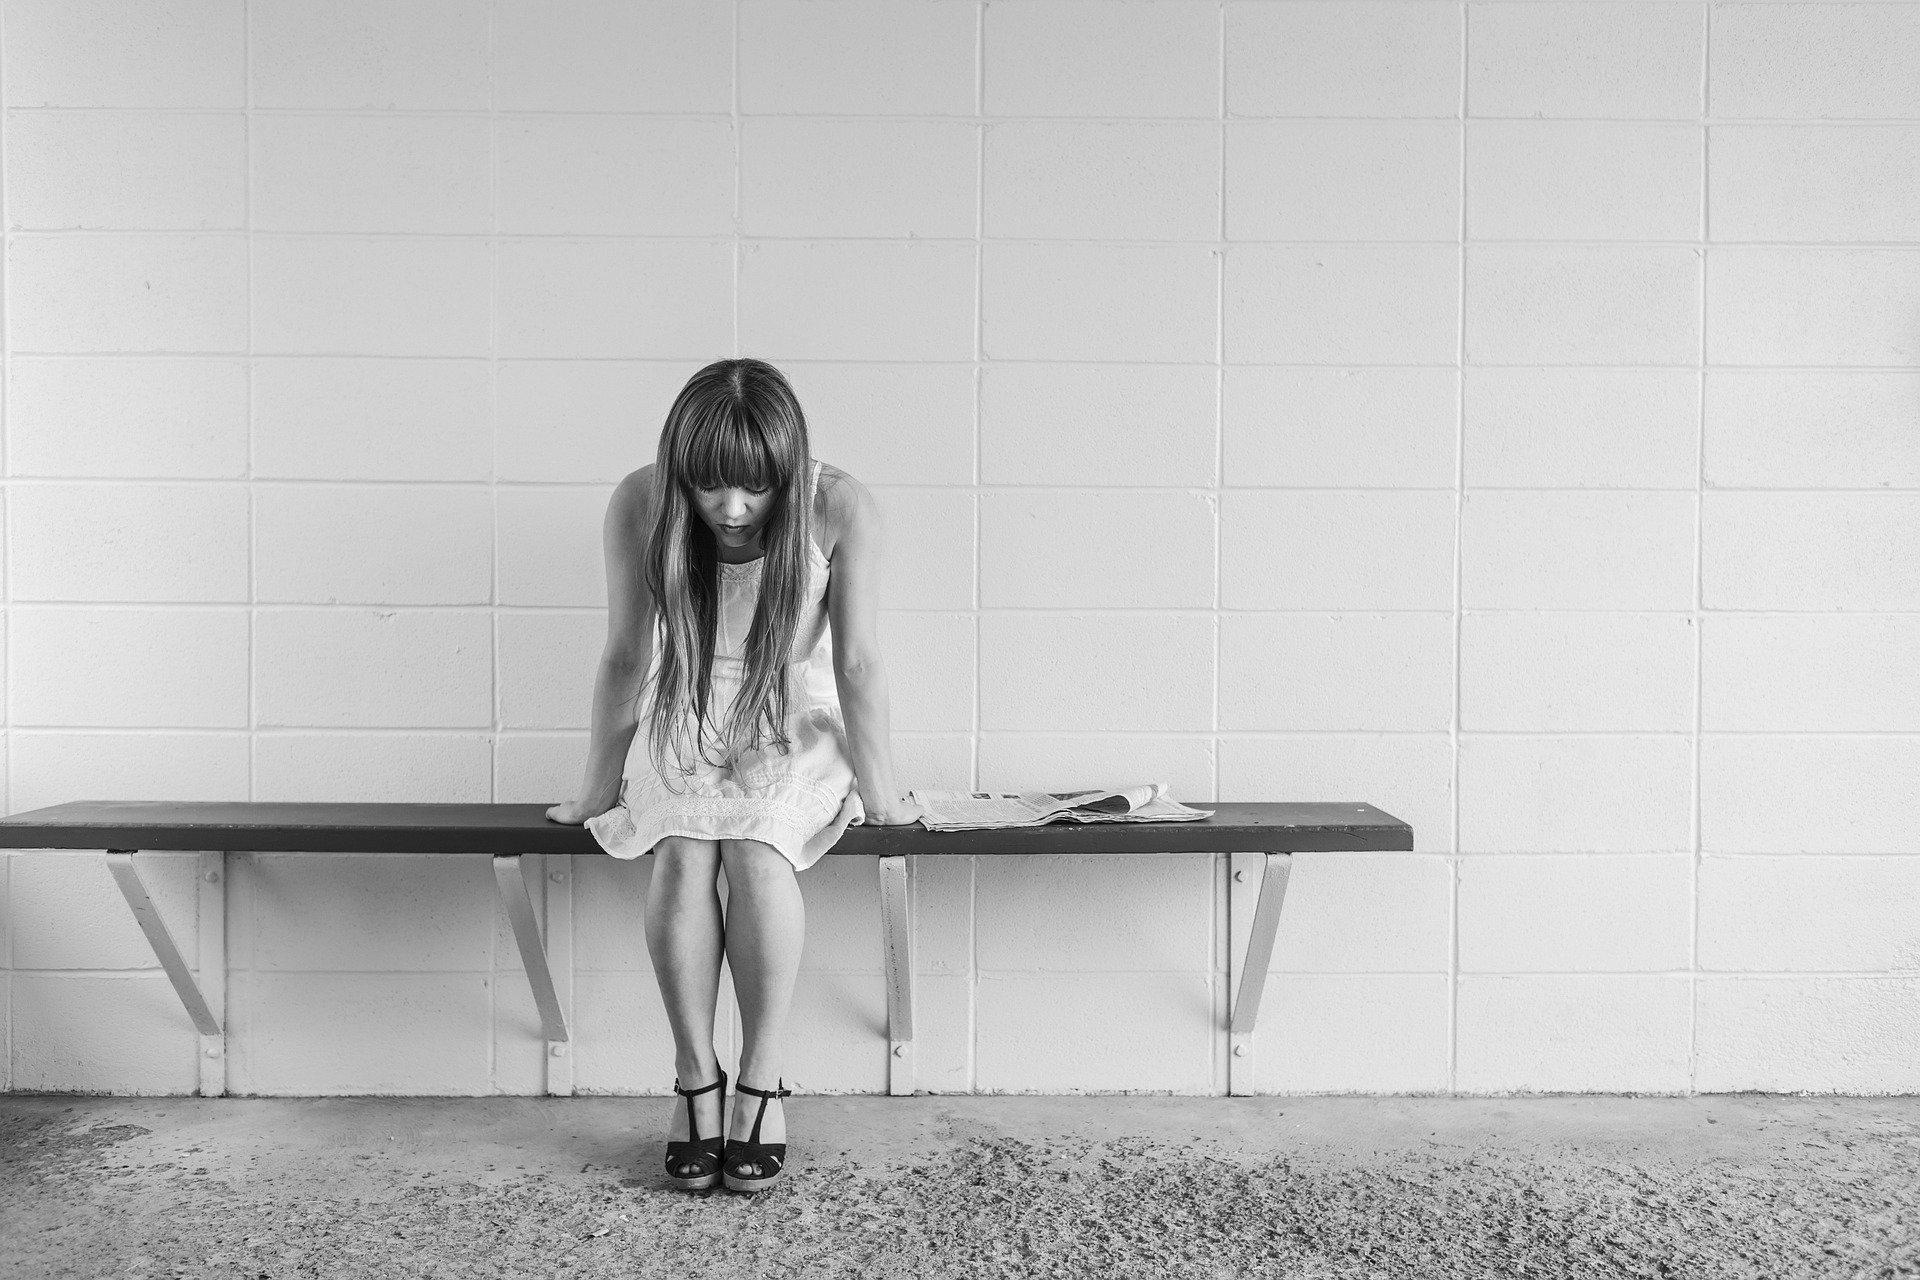 Trauer – Die vier Phasen nach Verena Kast